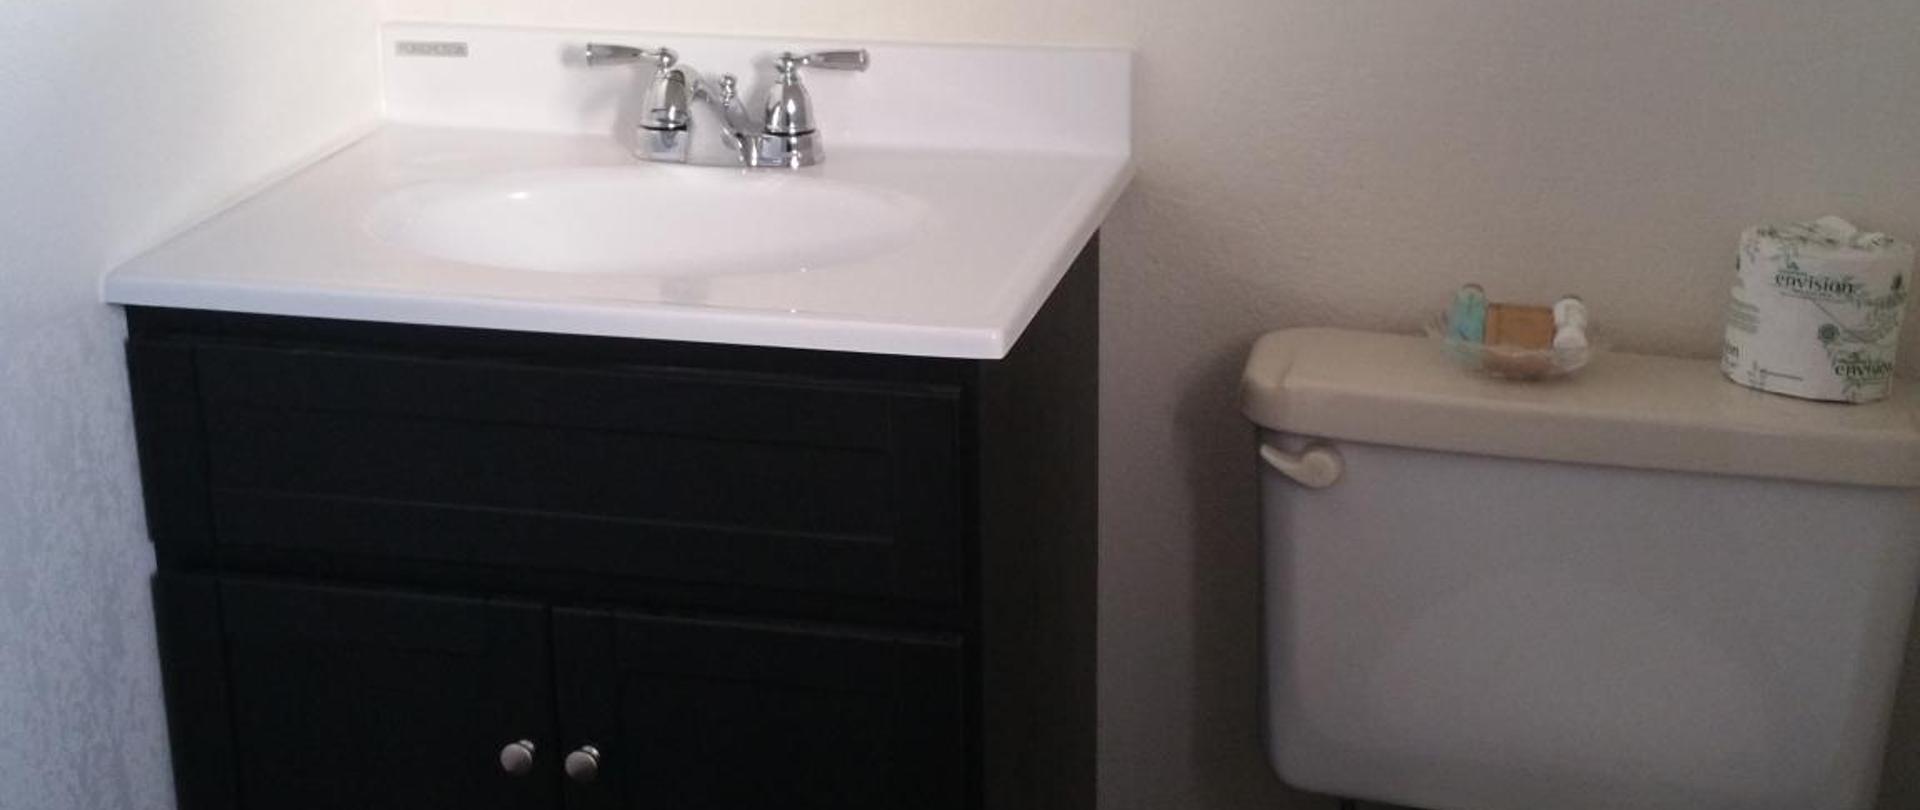 baño nuevo 1.jpg